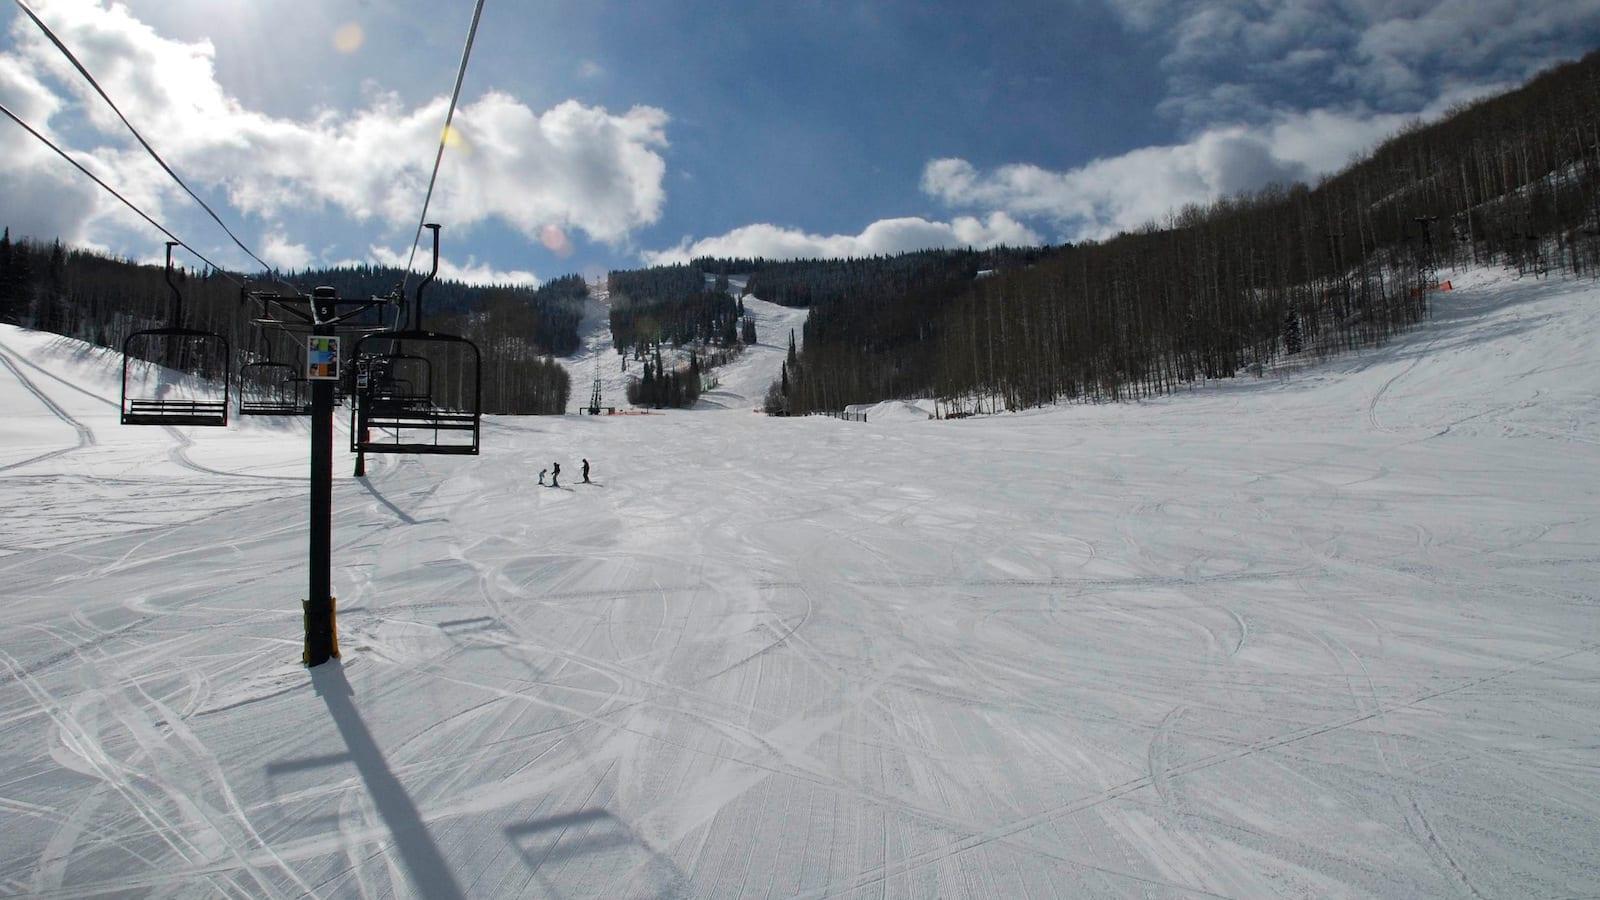 Sunlight Mountain Ski Resort Glenwood Springs CO